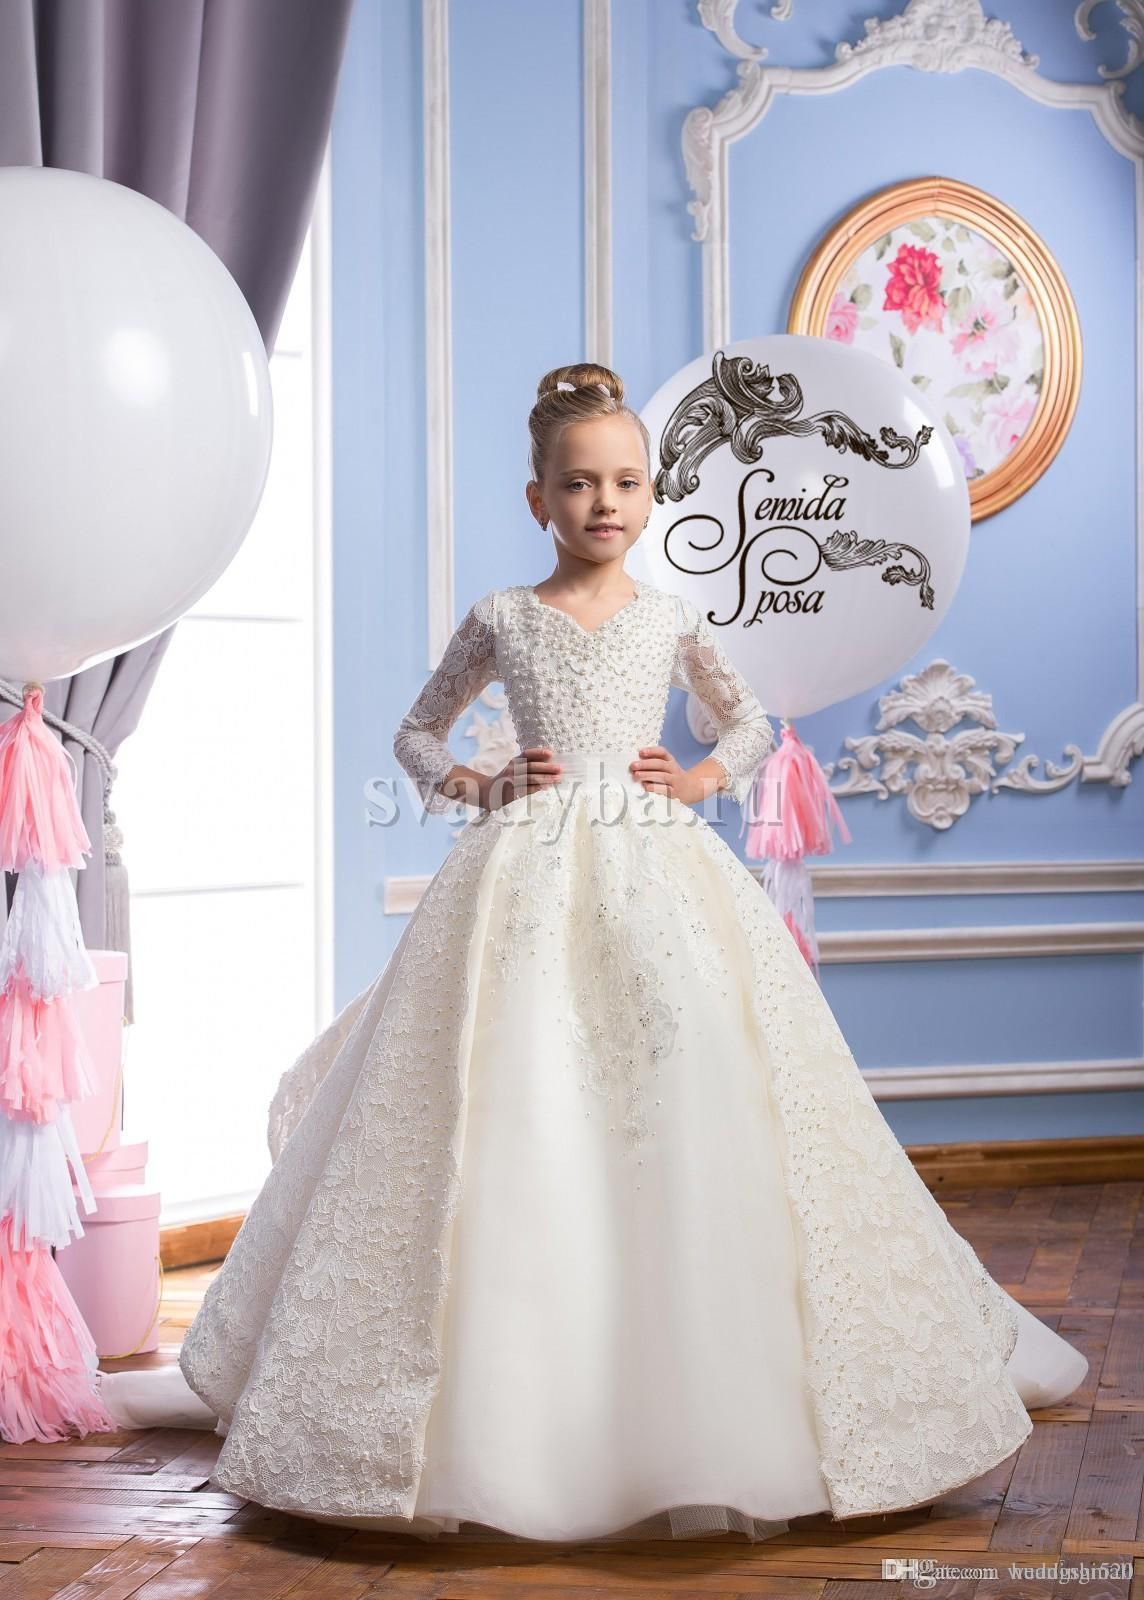 2016 Spitze Perlen Langen Ärmeln Luxuriöse Arabischen Blumenmädchen Kleider Vintage Kind Pageant Kleider Schöne Blumenmädchen Brautkleider F29